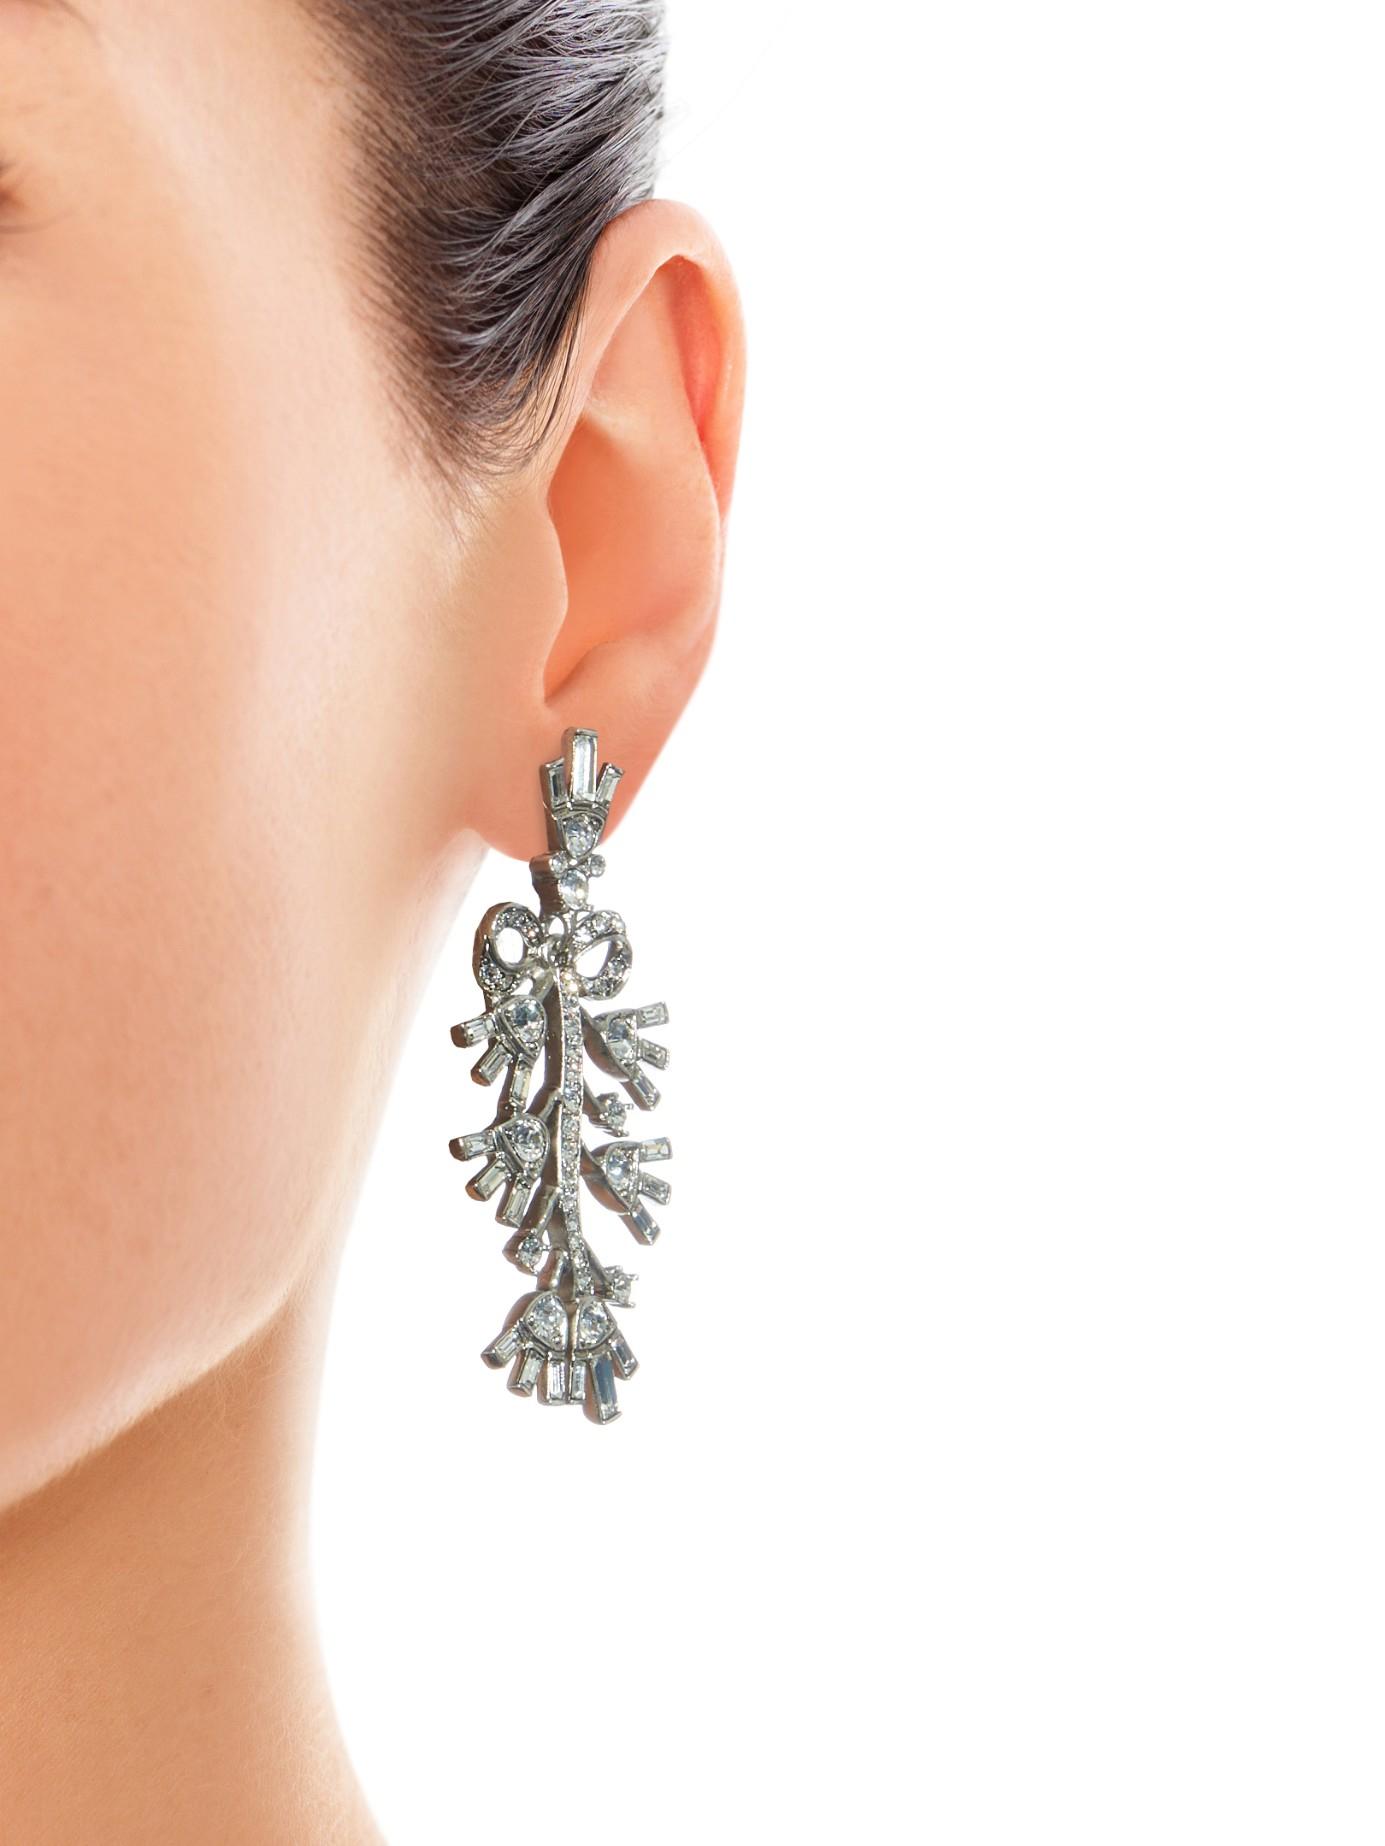 Crystal embellished earrings Oscar De La Renta wQTkDk4